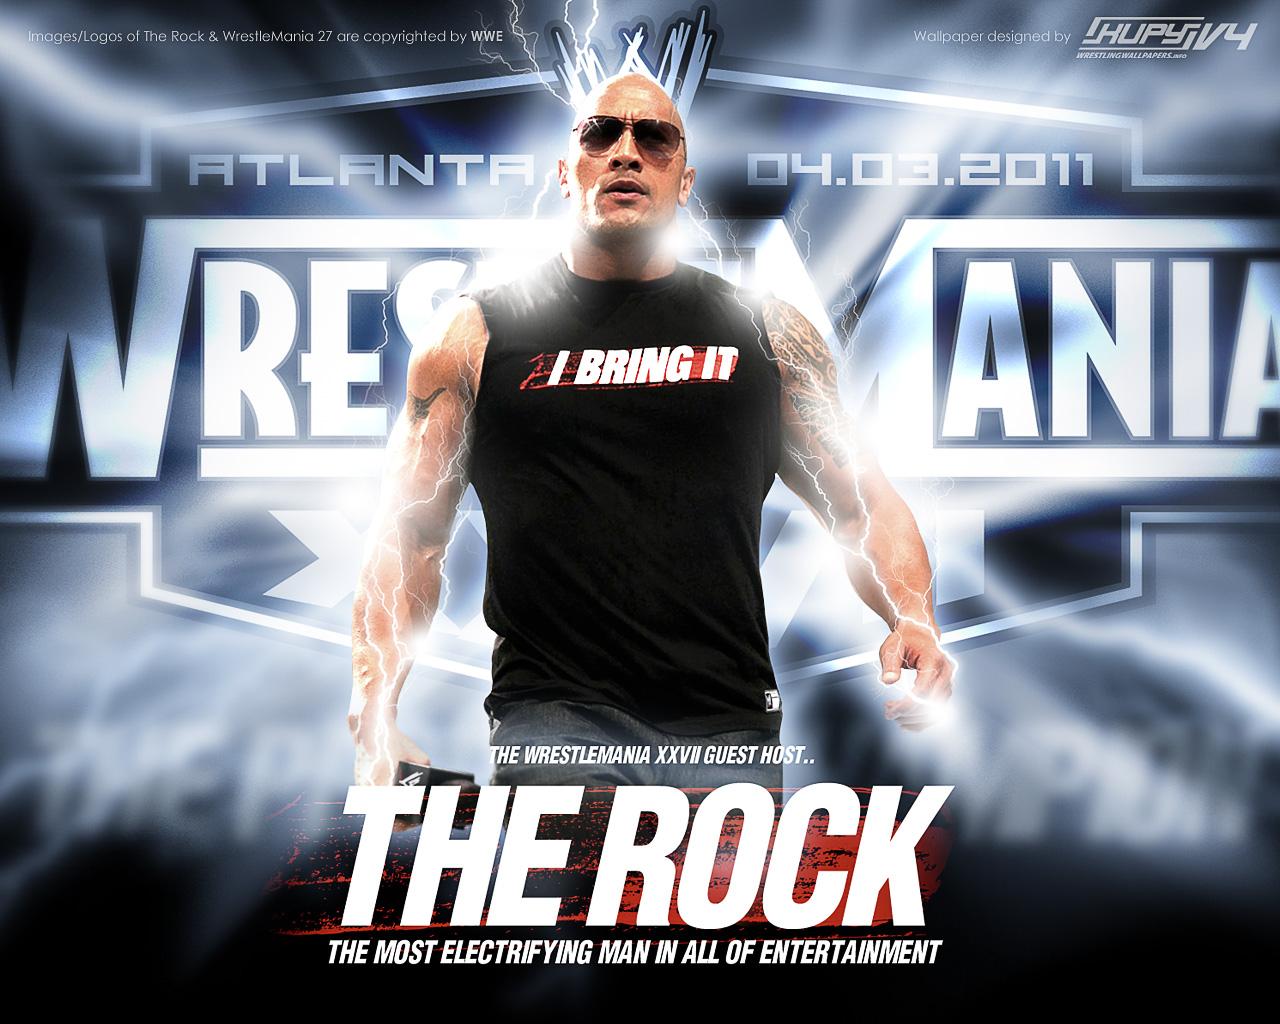 Wwe the rock hd wallpapers 2012 best 4u - Rock wwe images hd ...